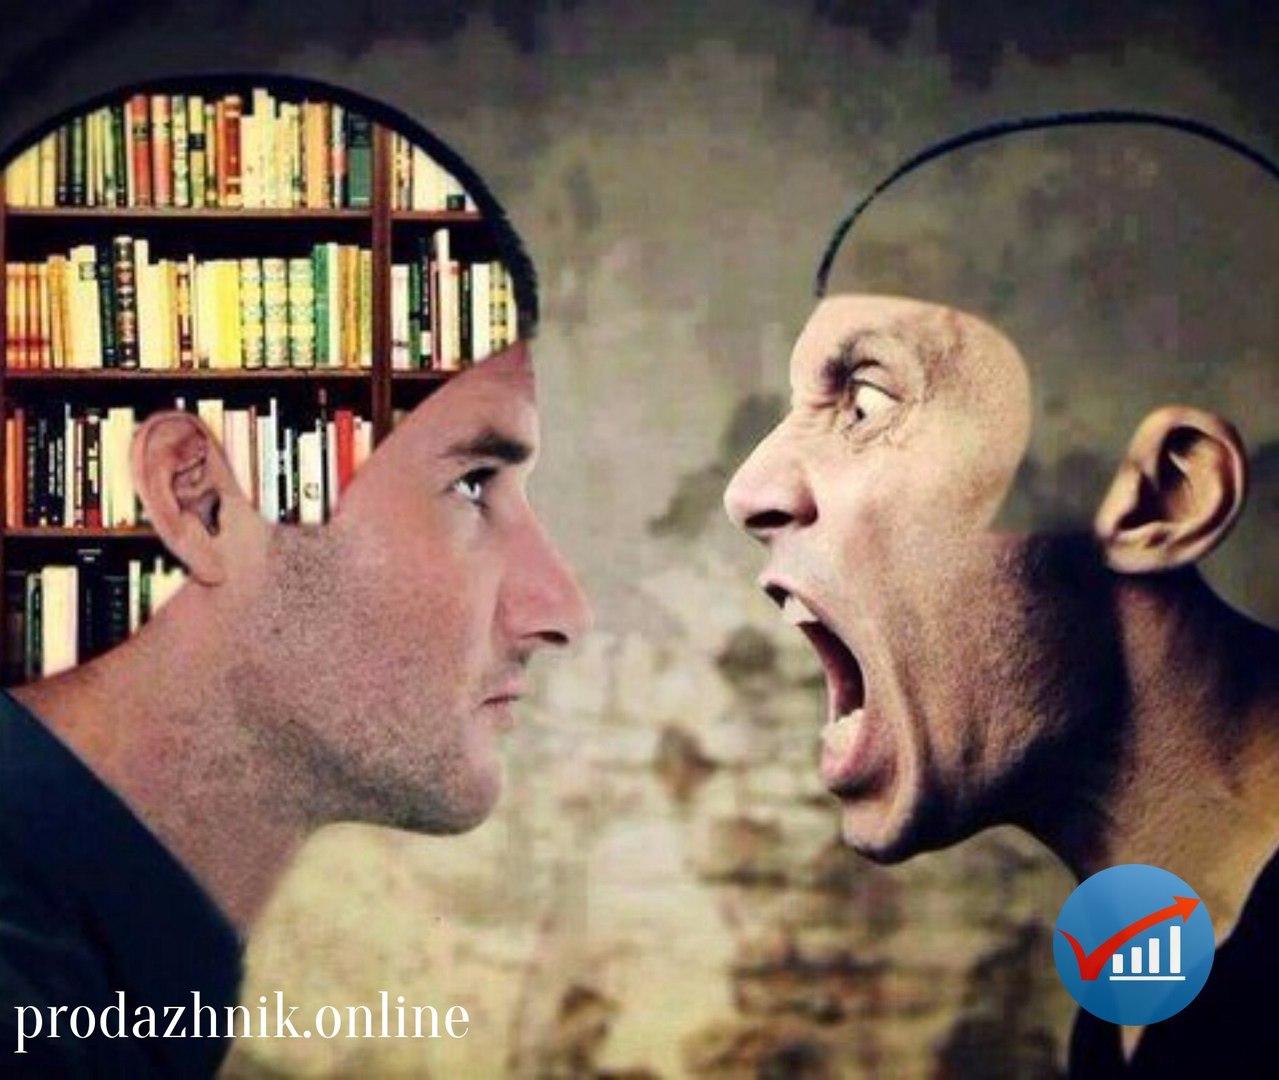 Спор на голо 2 фотография